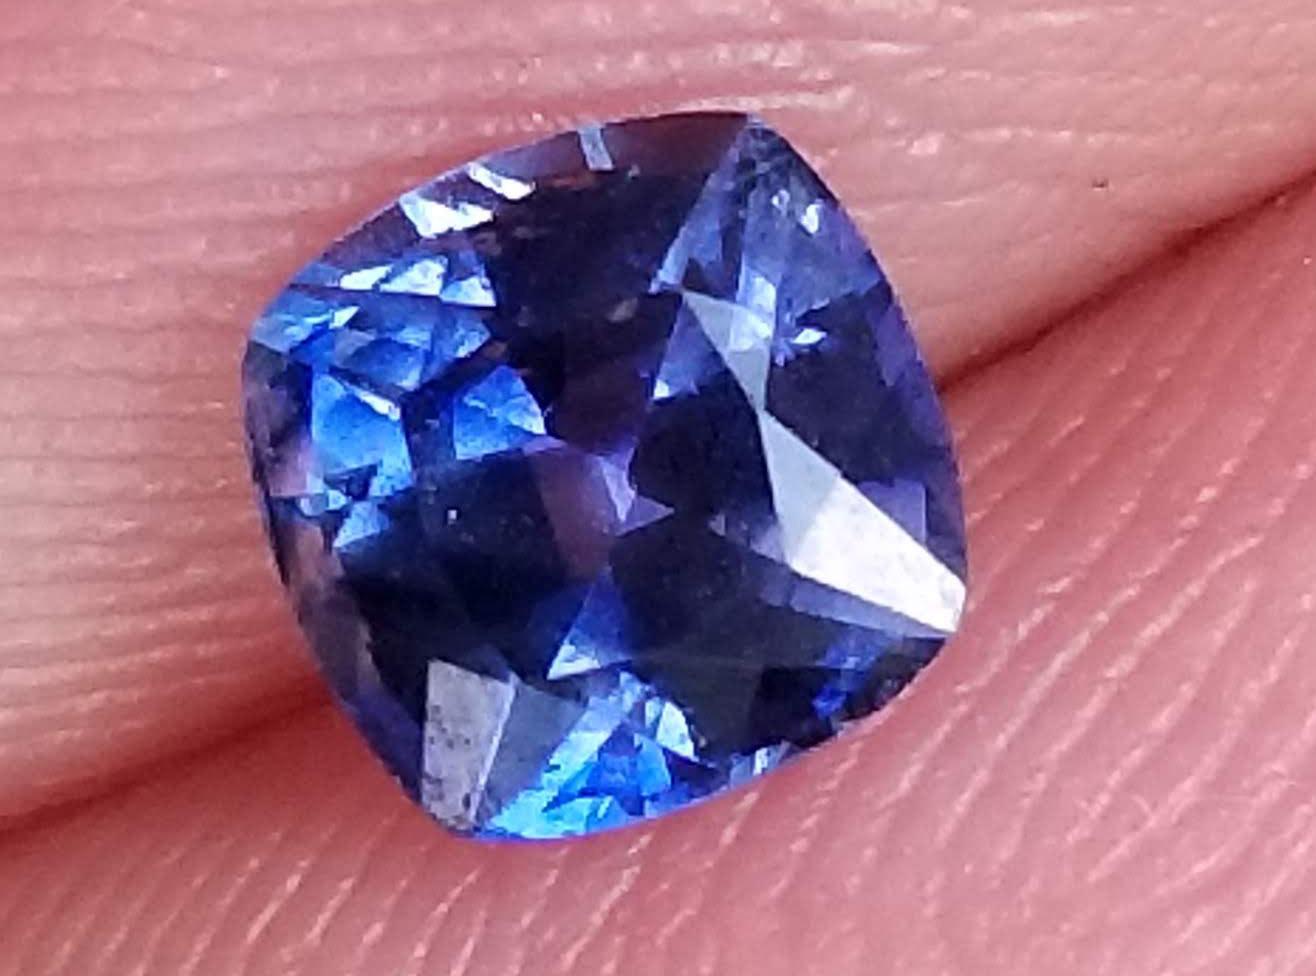 Ceylon Blue Cushion Cut Sapphire -0.77 Cts - 5x5x3.7mm